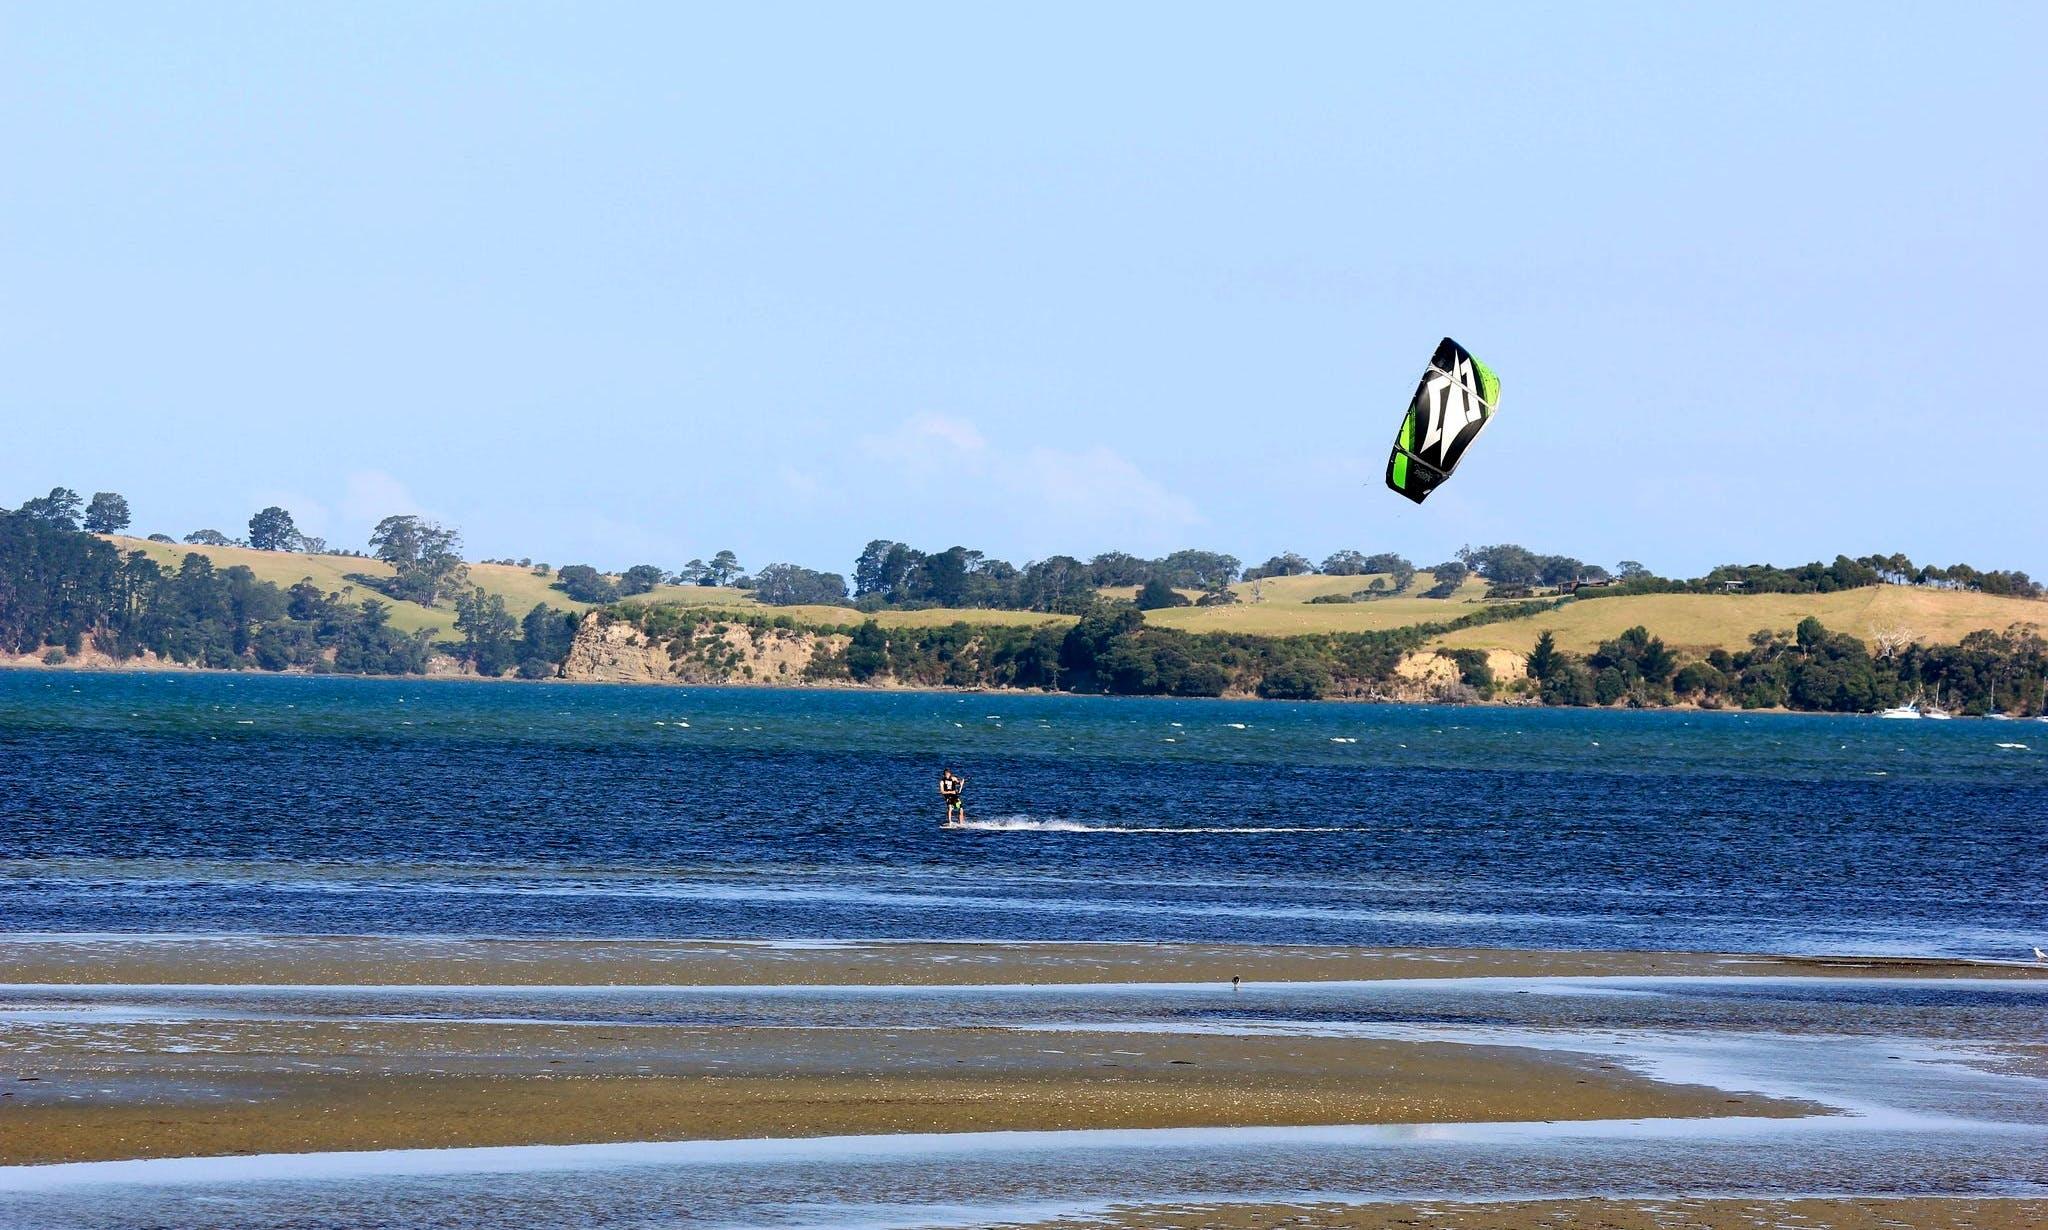 Kitesurfing Lesson In Karaka